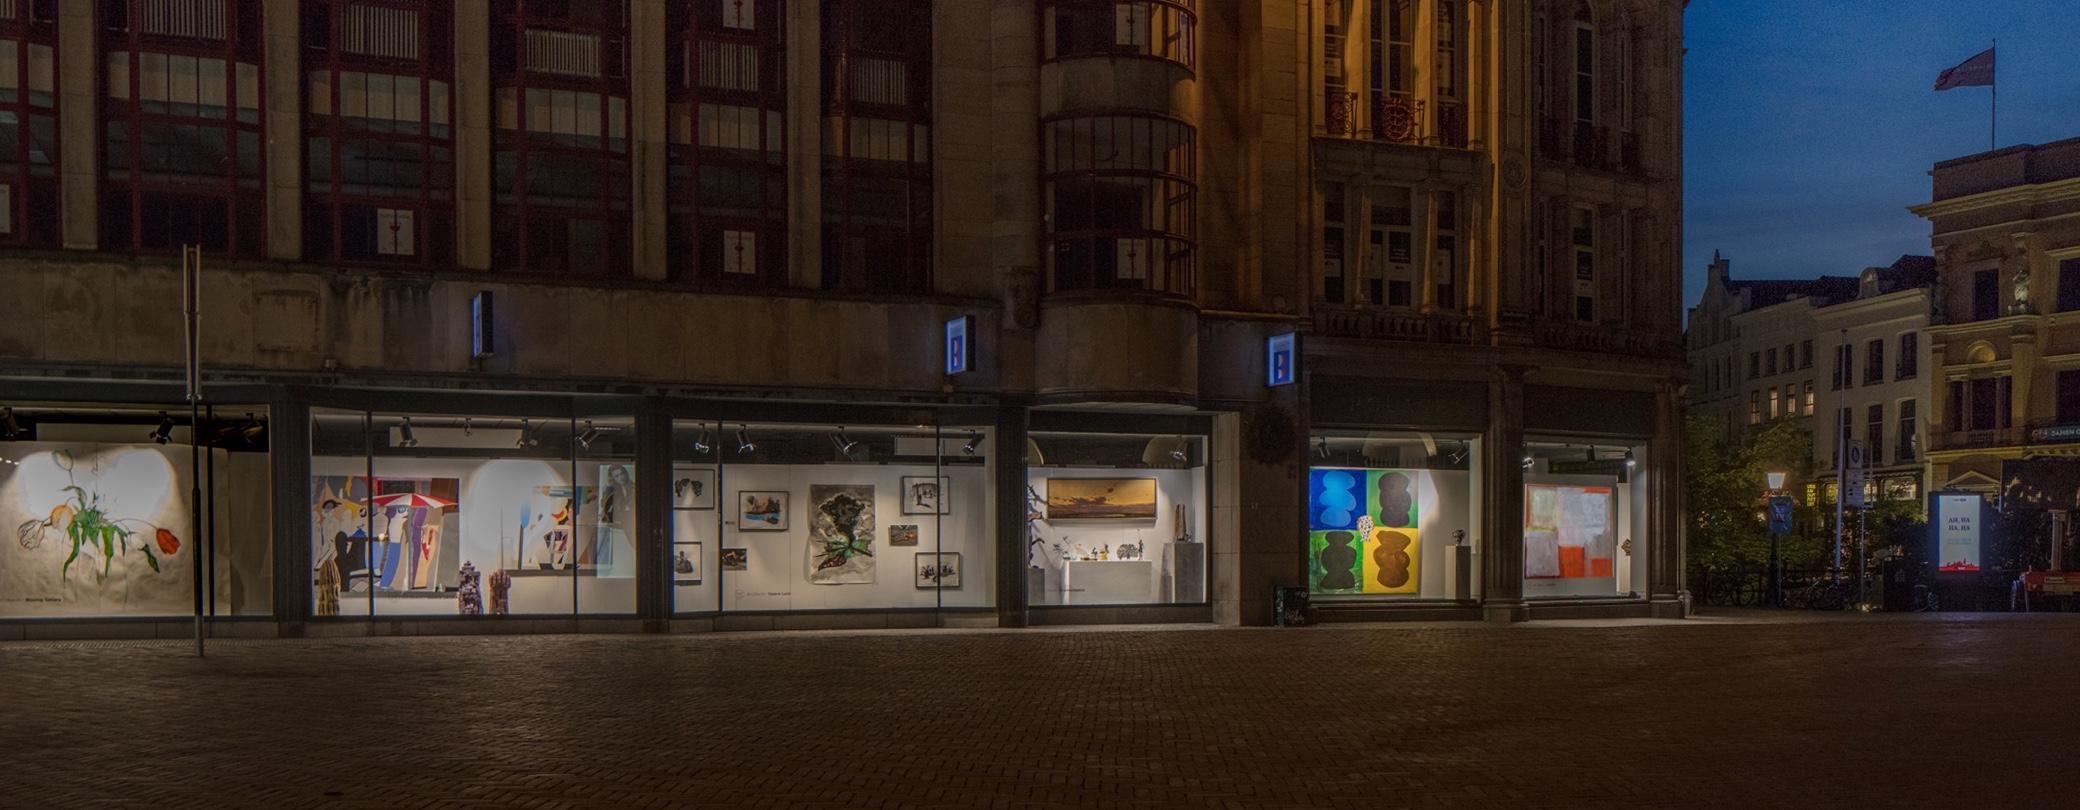 Art Utrecht / Broese wisselende exposities en etalages